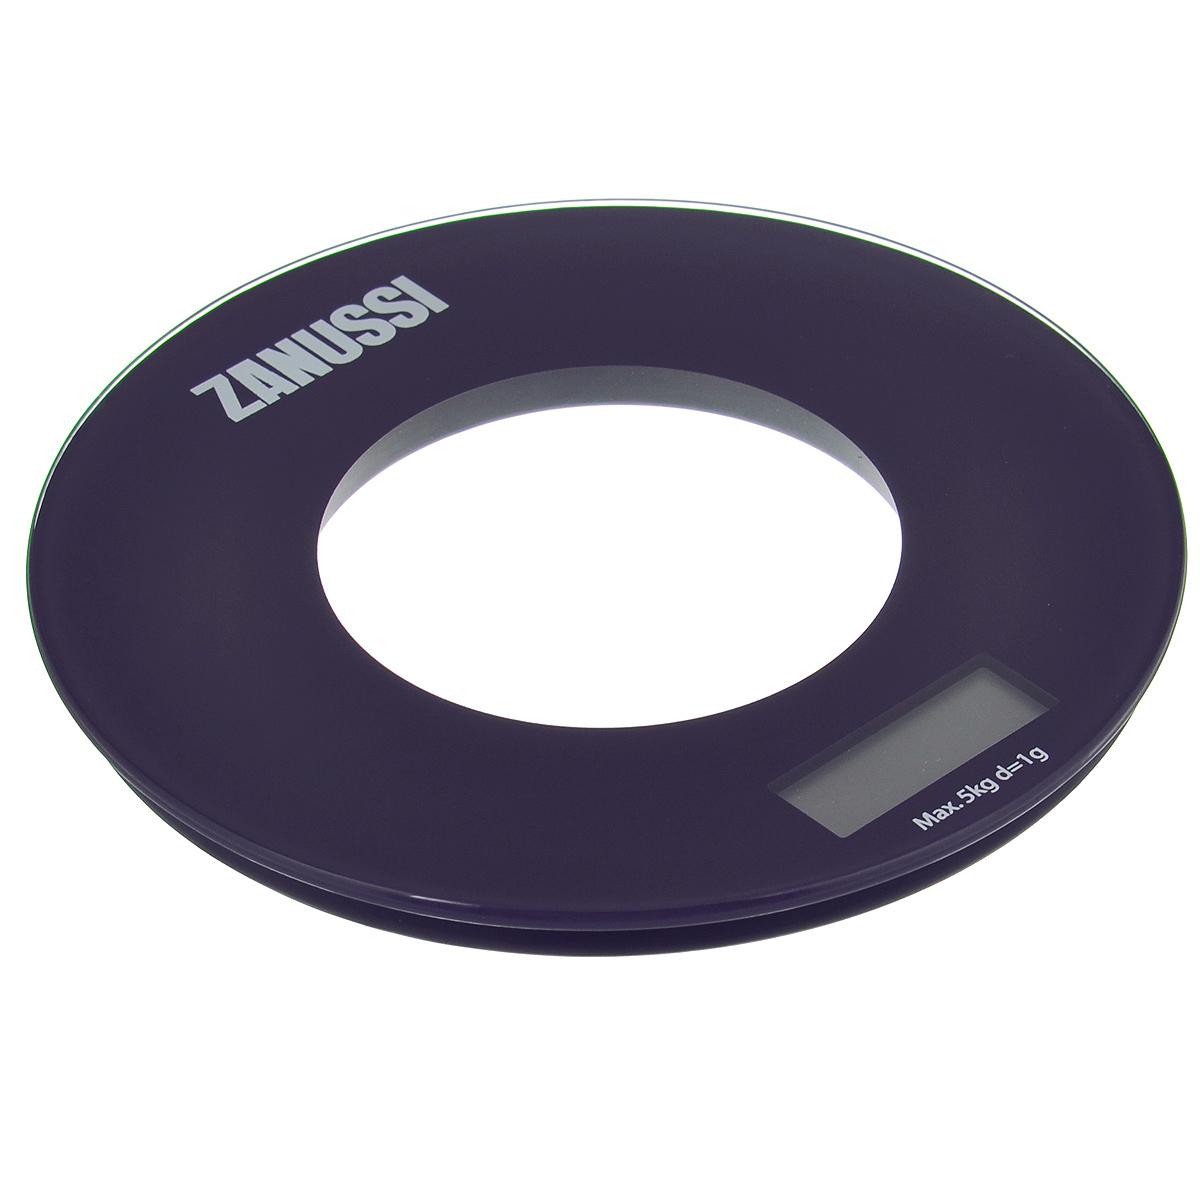 Весы кухонные Zanussi Bologna, электронные, цвет: фиолетовый, до 5 кгZSE21221BFЭлектронные кухонные весы Zanussi Bologna придутся по душе каждой хозяйке и станут незаменимым аксессуаром на кухне. Ультратонкий корпус весов выполнен из пластика с цифровым ЖК-дисплеем. Весы выдерживают до 5 килограмм и оснащены высокоточной сенсорной измерительной системой. Имеется индикатор низкого заряда батареи. С помощью таких электронных весов можно точно контролировать пропорции ингредиентов. УВАЖАЕМЫЕ КЛИЕНТЫ! Обращаем ваше внимание, что весы работают от одной литиевой батарейки CR2032 напряжением 3V (входит в комплект).